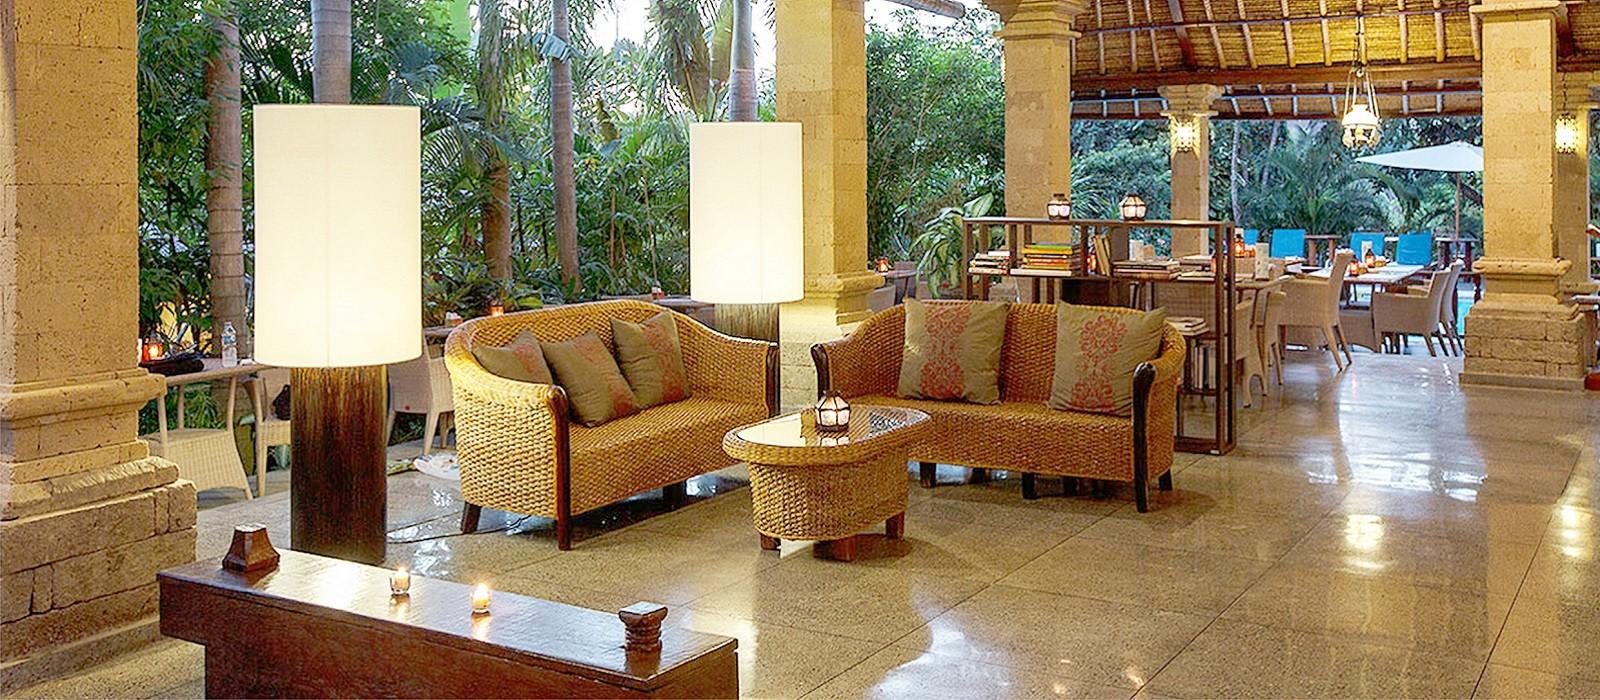 Hotel Bali Agung Village Indonesien